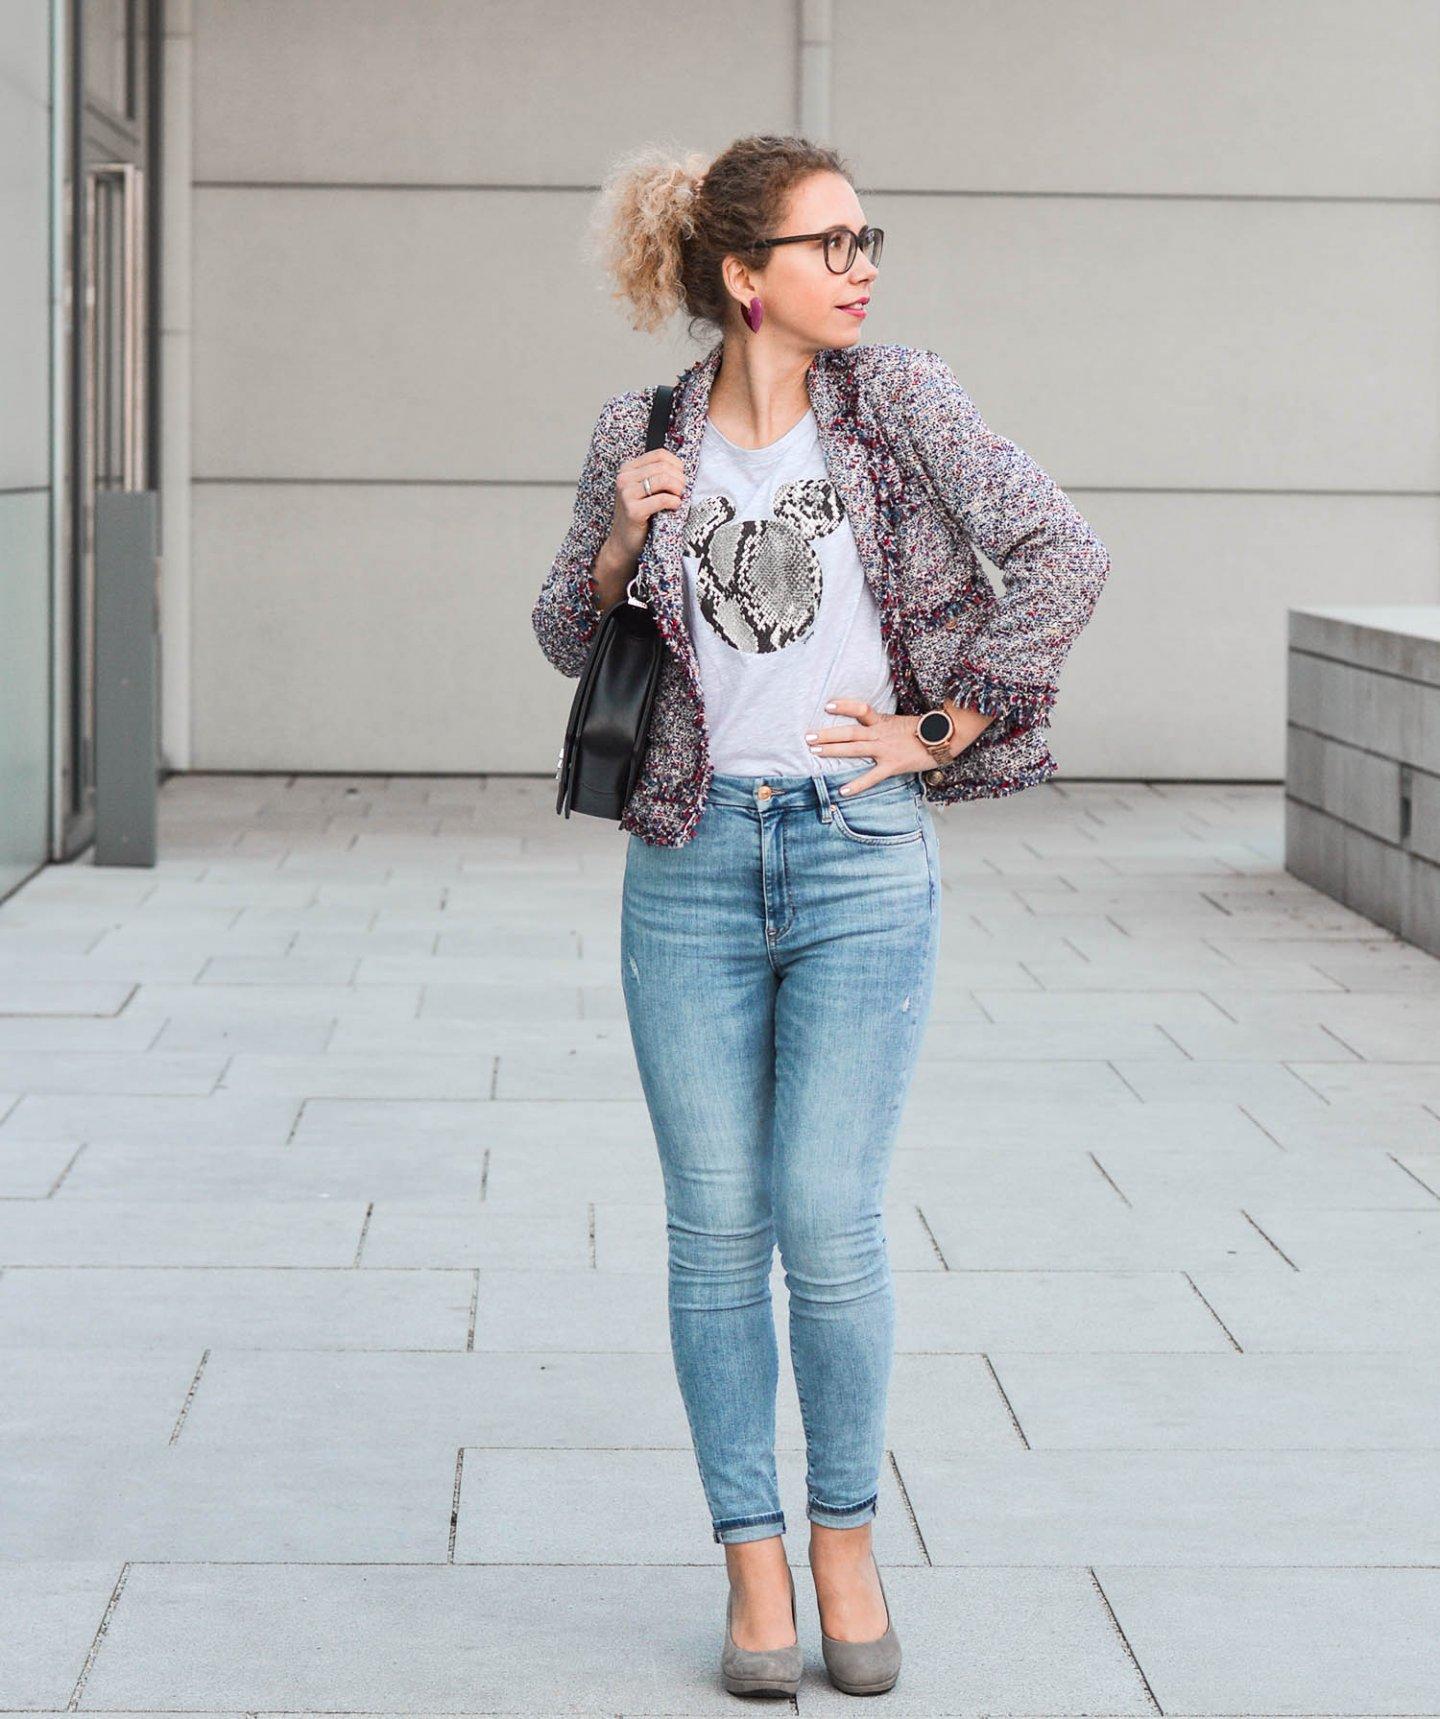 Jeans Look fürs Date mit Blazer und Disney Shirt